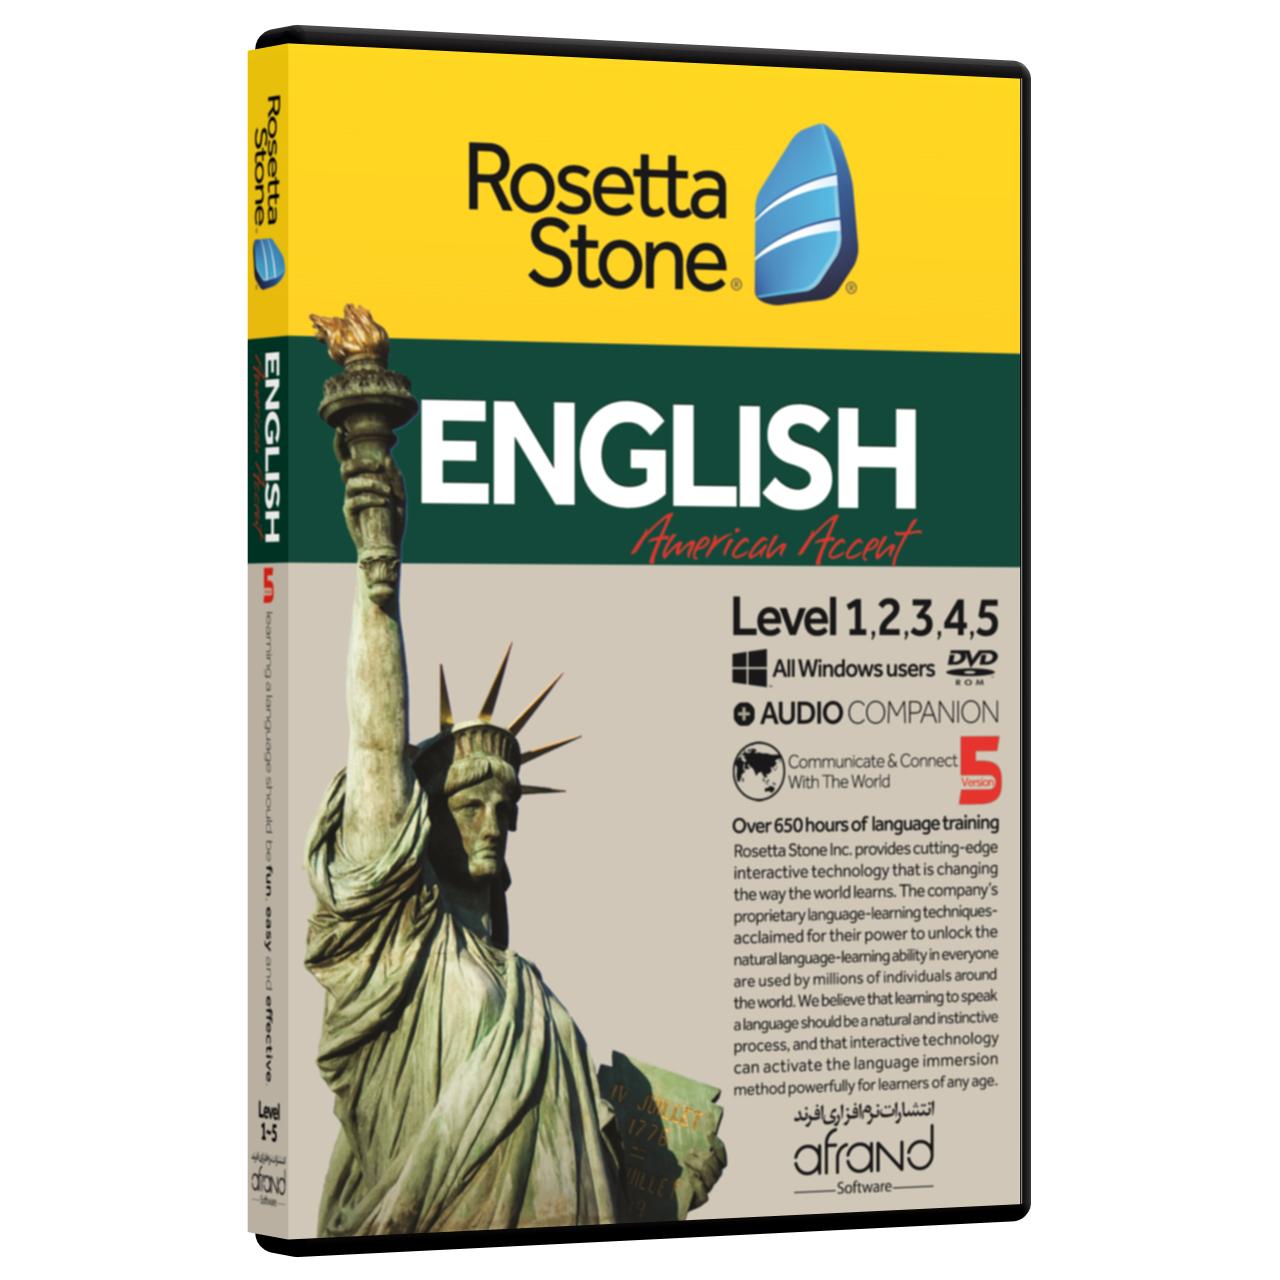 نرم افزار آموزش زبان انگلیسی رزتااستون لهجه آمریکایی نسخه 5 انتشارات نرم افزاری افرند